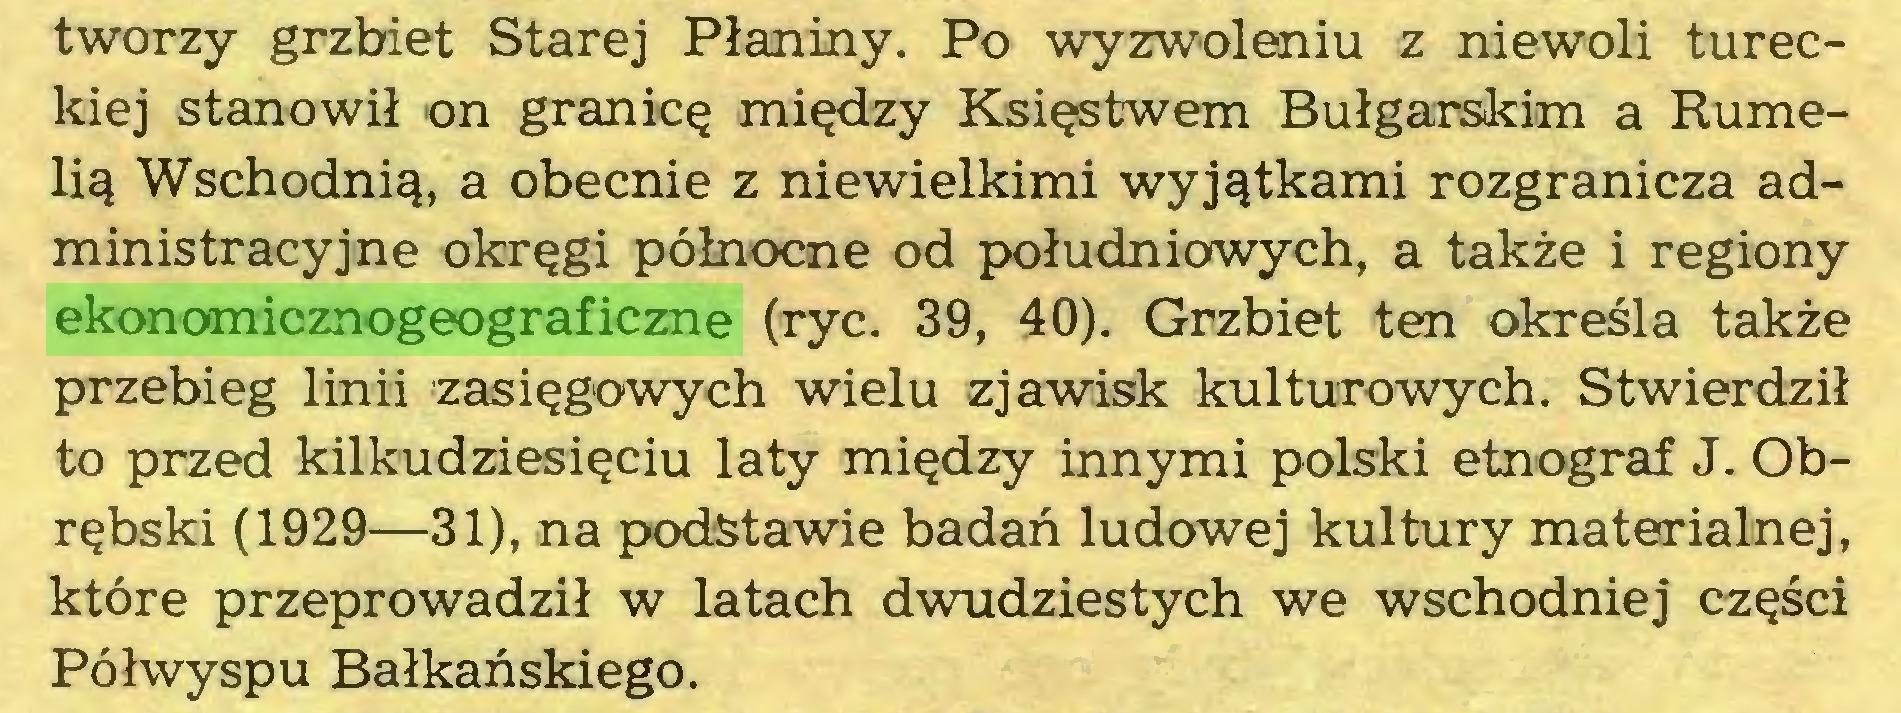 (...) tworzy grzbiet Starej Płaniny. Po wyzwoleniu z niewoli tureckiej stanowił on granicę między Księstwem Bułgarskim a Rumelią Wschodnią, a obecnie z niewielkimi wyjątkami rozgranicza administracyjne okręgi północne od południowych, a także i regiony ekonomicznogeograficzne (ryc. 39, 40). Grzbiet ten określa także przebieg linii zasięgowych wielu zjawisk kulturowych. Stwierdził to przed kilkudziesięciu laty między innymi polski etnograf J. Obrębski (1929—31), na podstawie badań ludowej kultury materialnej, które przeprowadził w latach dwudziestych we wschodniej części Półwyspu Bałkańskiego...